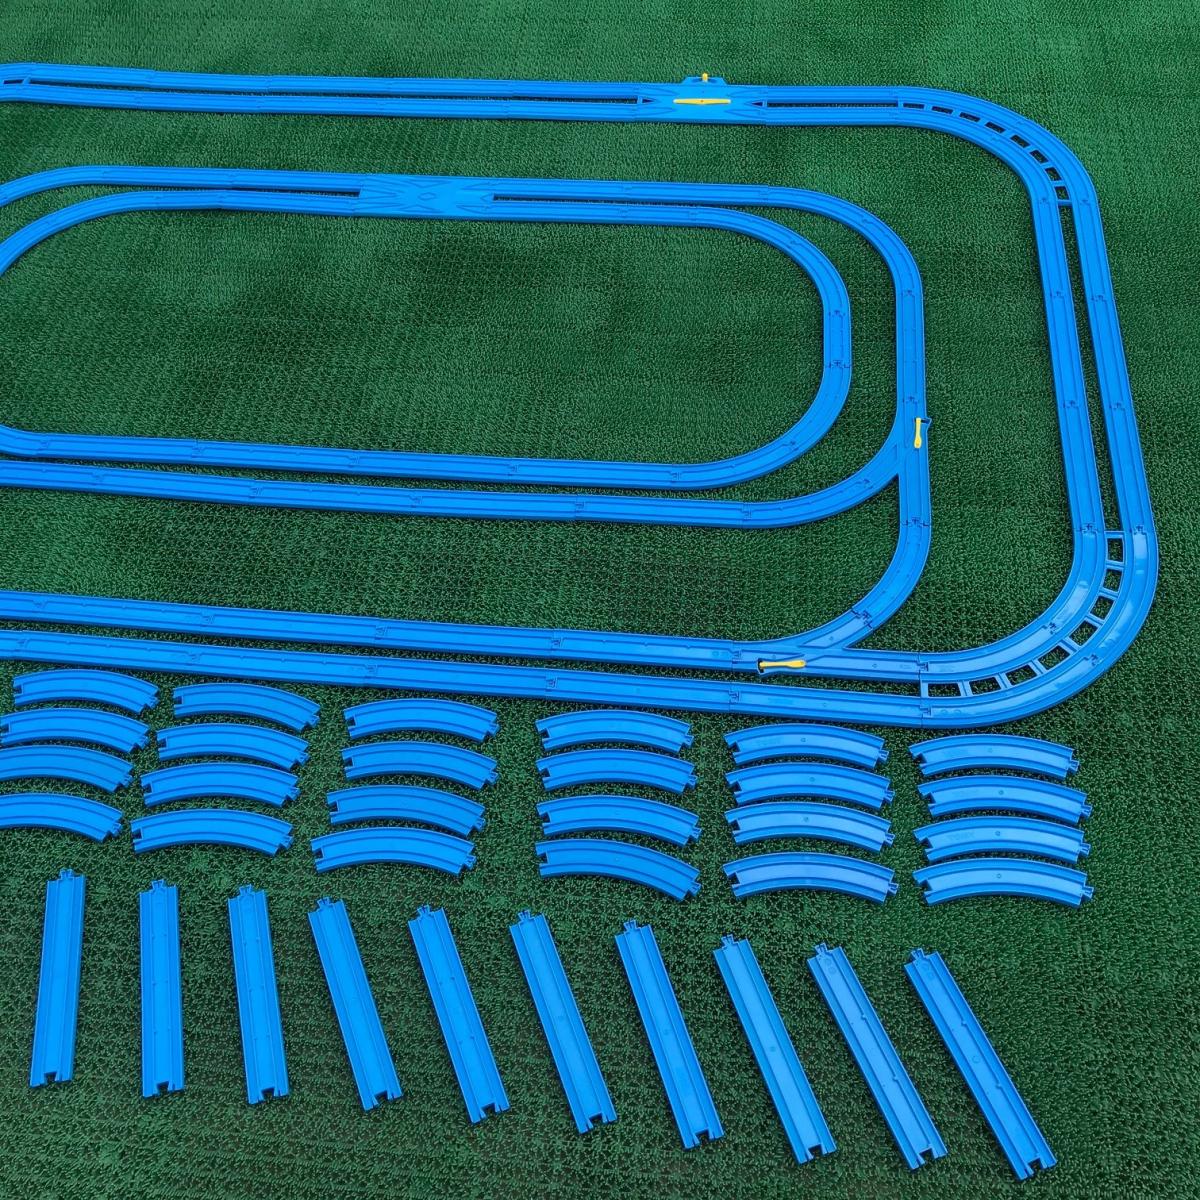 プラレール② 直線 曲線 複線曲線レール 複線わたりポイントレール ターンアウトレール 単線複線 レア タカラトミー 大量_画像3